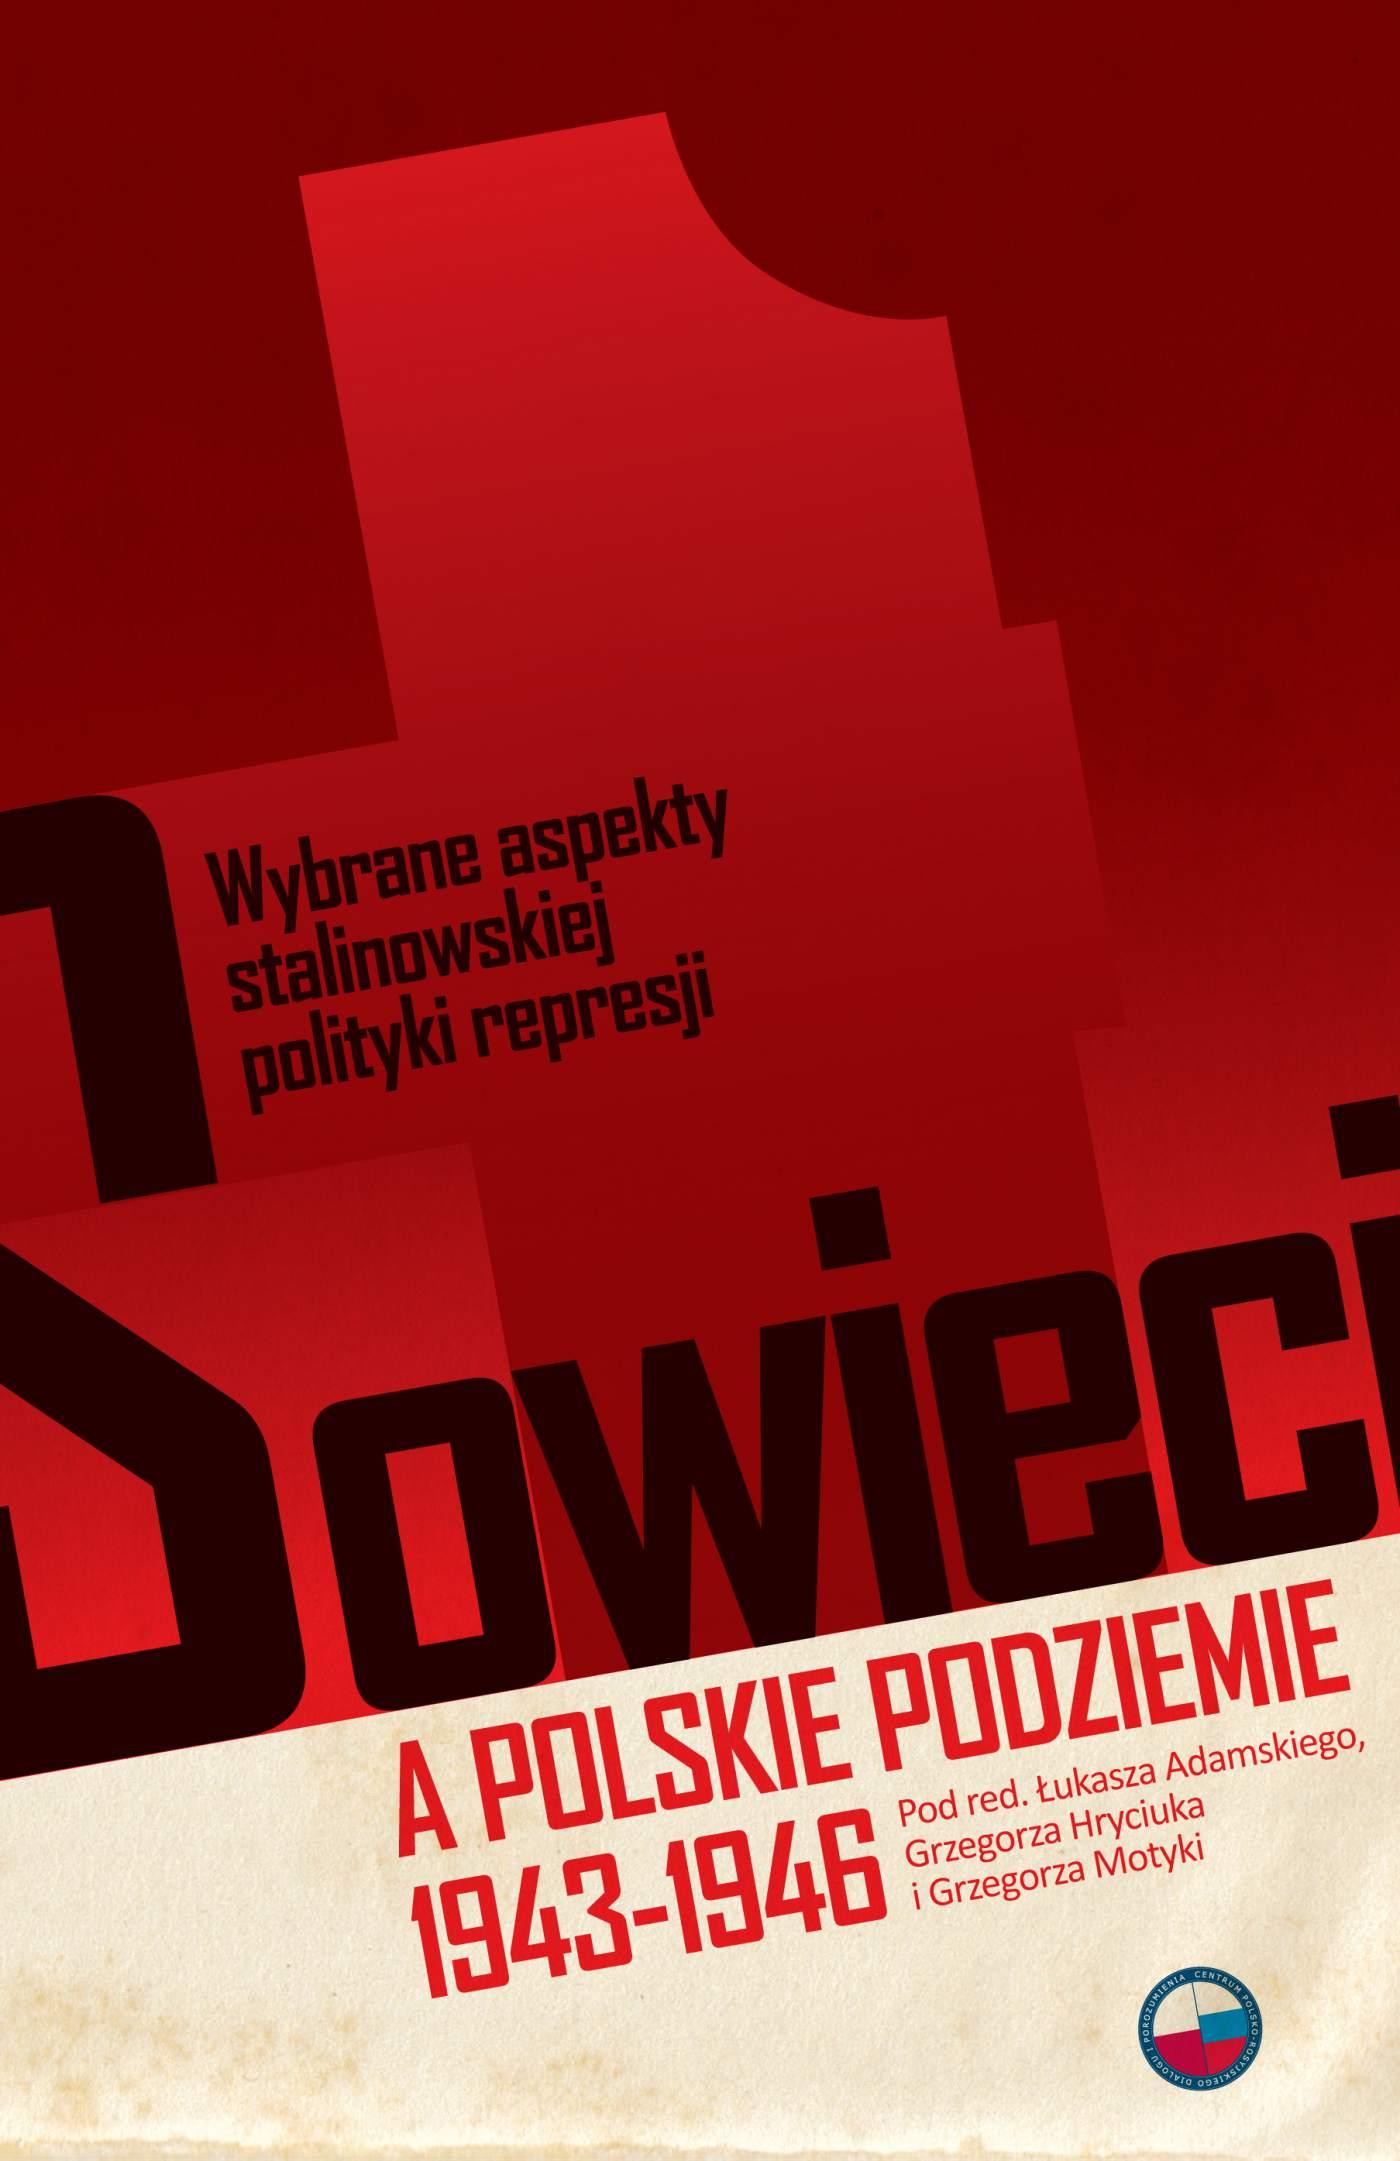 Sowieci a polskie podziemie 1943-1946 - Ebook (Książka na Kindle) do pobrania w formacie MOBI